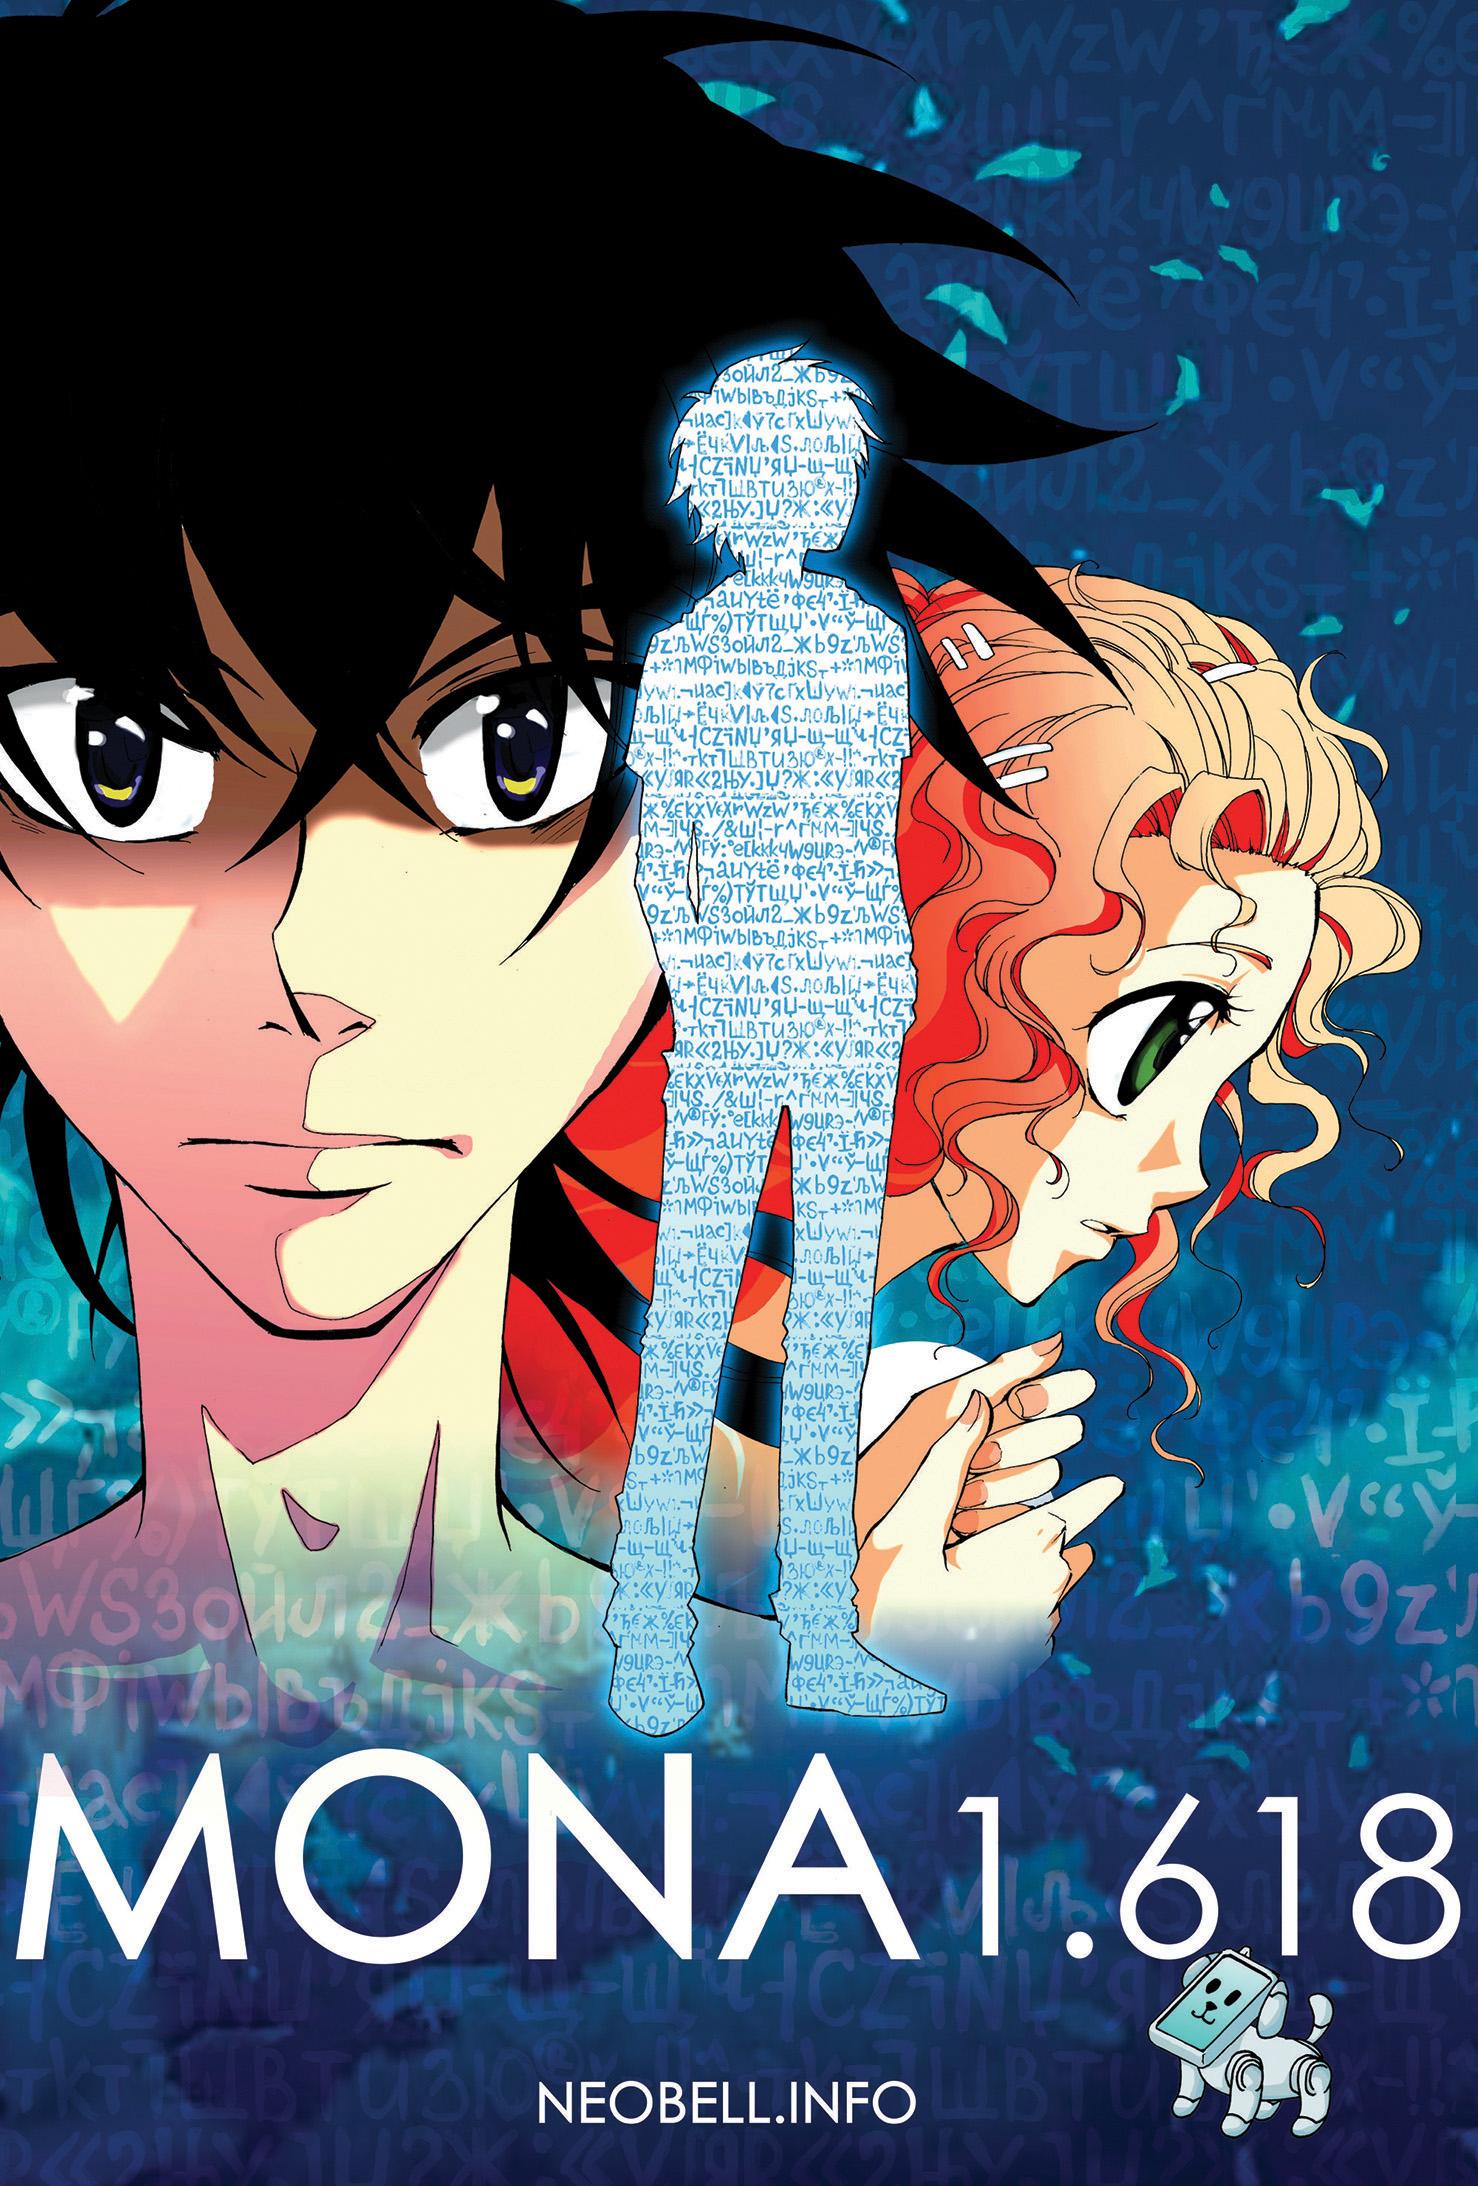 Mona 1.618